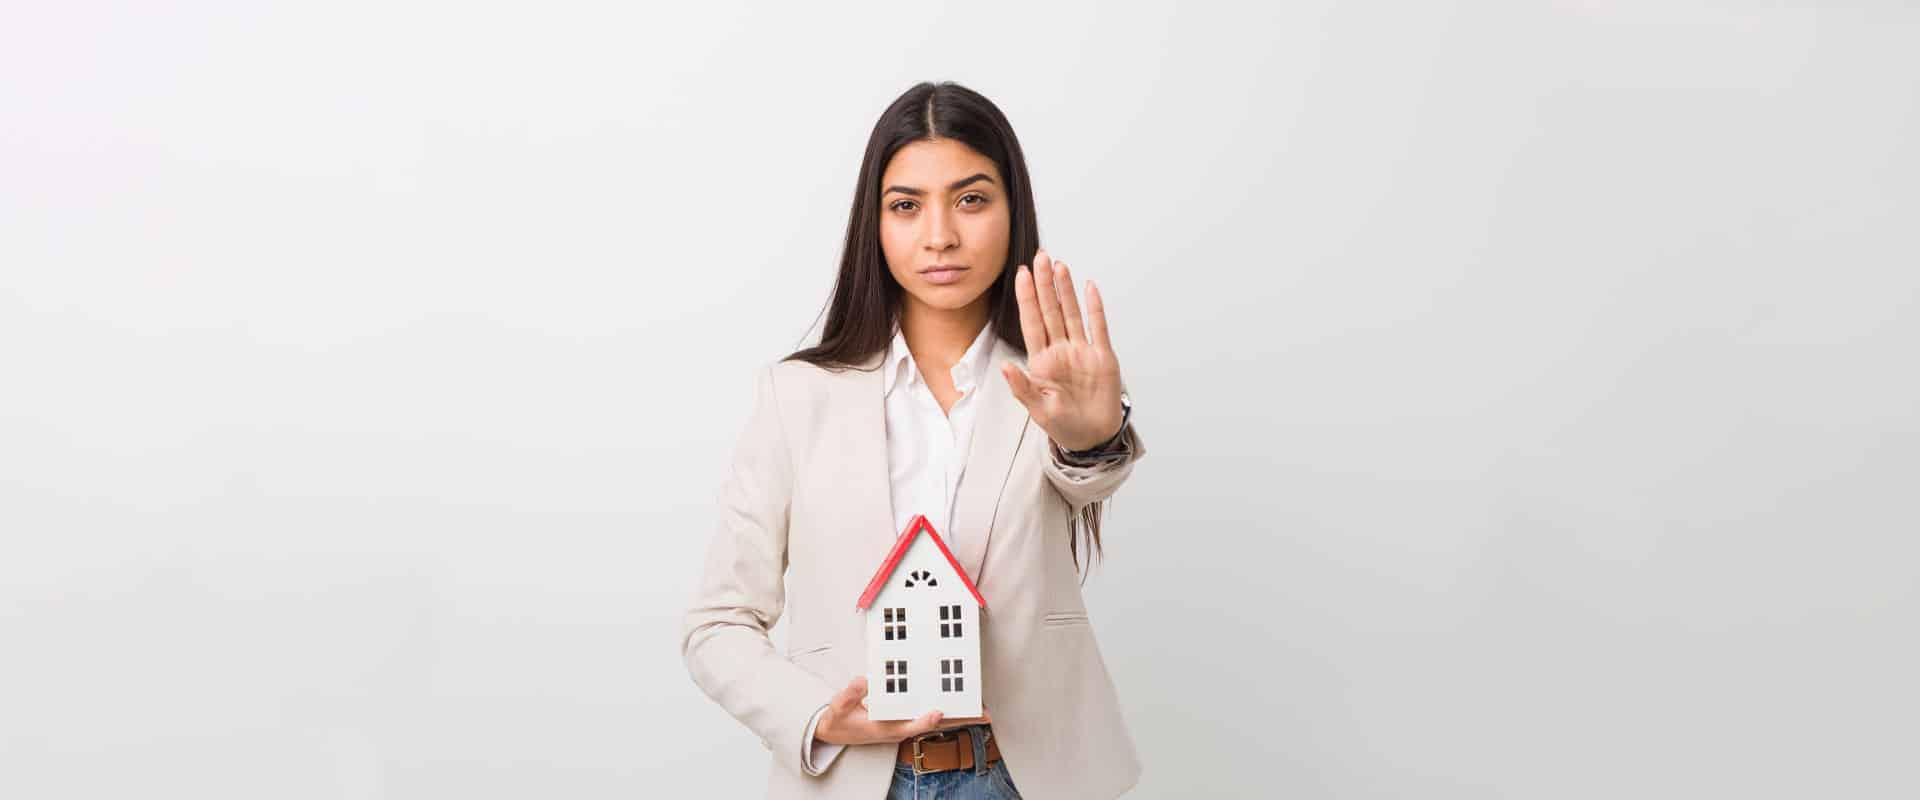 5 préjugés à bannir sur les professionnels de l'immobilier